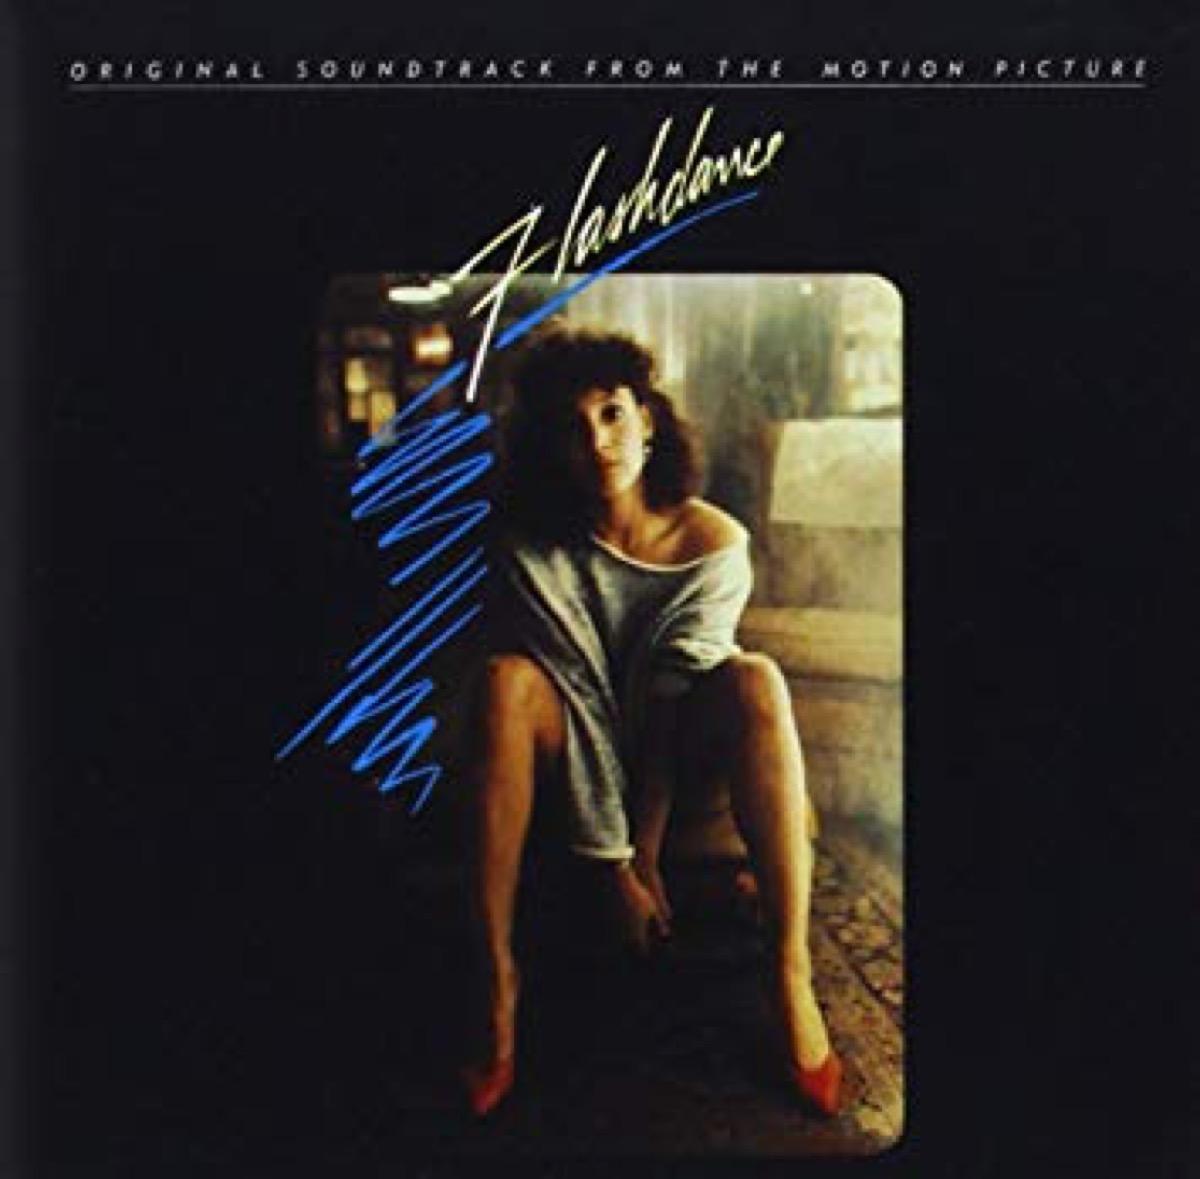 flashdance movie soundtrack album cover